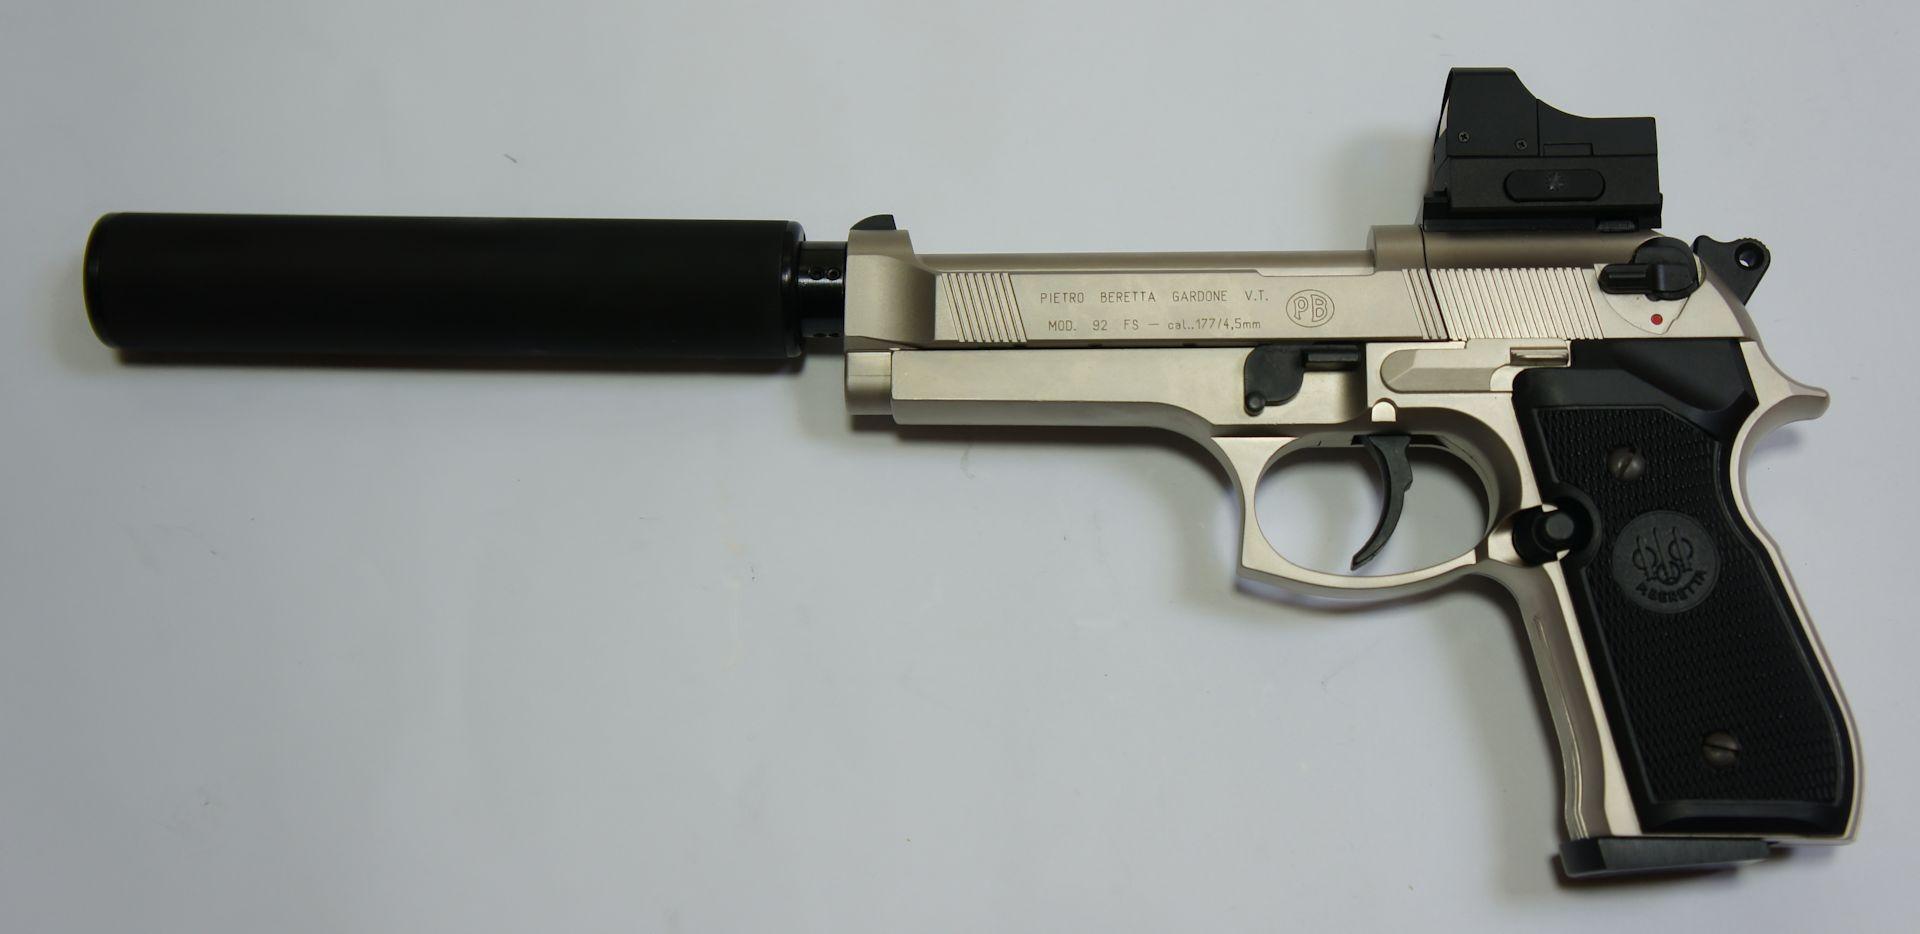 An so einer verchromten CO2 Pistole Beretta wird als Montagebeispiel gezeigt, dass als Zubehör hier auch  ein wirkungsvoller <a href=1165832.htm>Schalldämpfer mittels Adapter</a> passt. Optiken, wie <a href=../1130222.htm>das abgebildete Reflexvisier</a>, erfordern  <a href=../1130675-92.htm>eine passende Montageschiene</a>